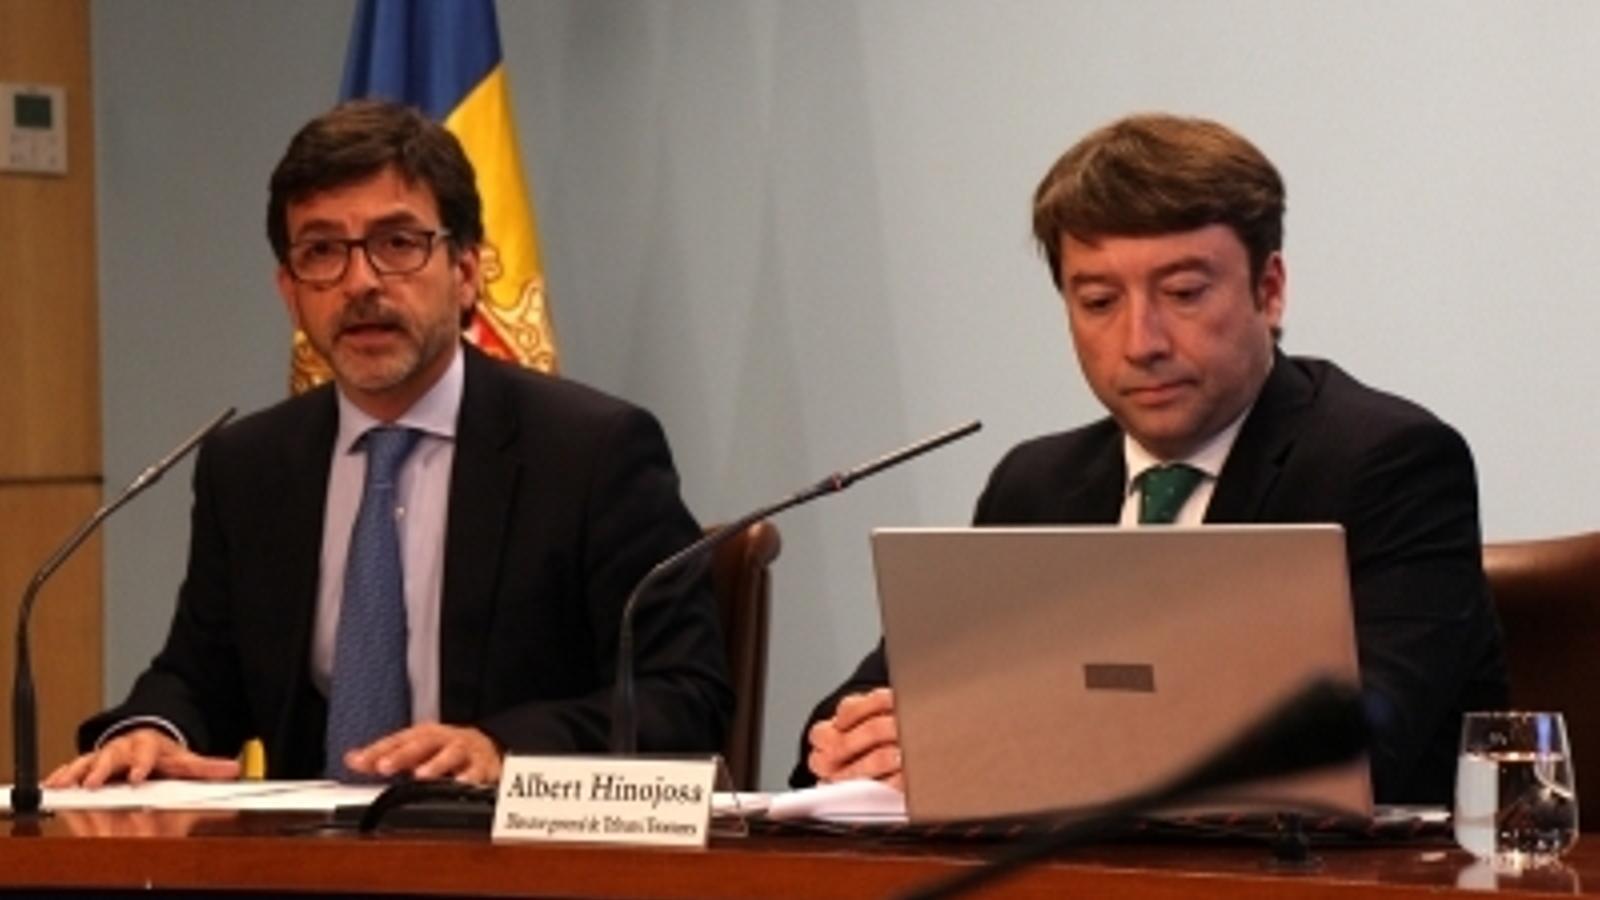 El ministre de Finances en funcions, Jordi Cinca, i el director general del departament de Tributs i Fronteres, Albert Hinojosa, durant la roda de premsa posterior al consell de ministres en què han explicat el pla d'actuacions. / M. F.